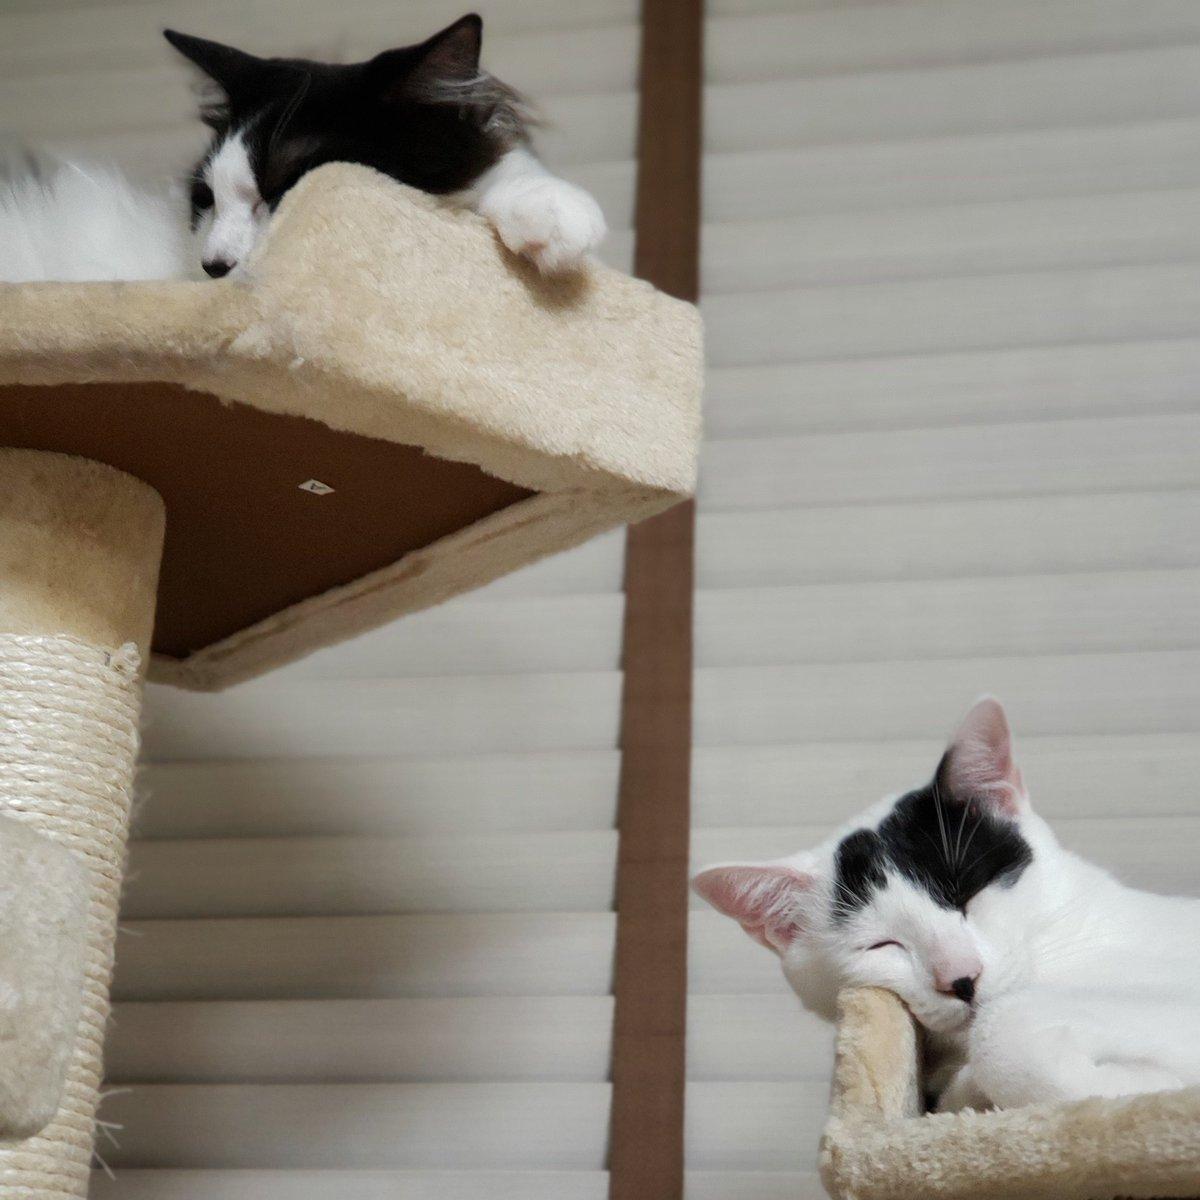 ストレスマックス。これを見たら全て癒される。もう一匹います。どこいったのかな?美味しいご飯と上質な睡眠。心穏やかな時間。猫も人間も必要なことは同じなのね。  #猫のいる暮らし #猫写真 #猫好き #猫好きさんと繋がりたい #neko https://t.co/k4PpStMwXA